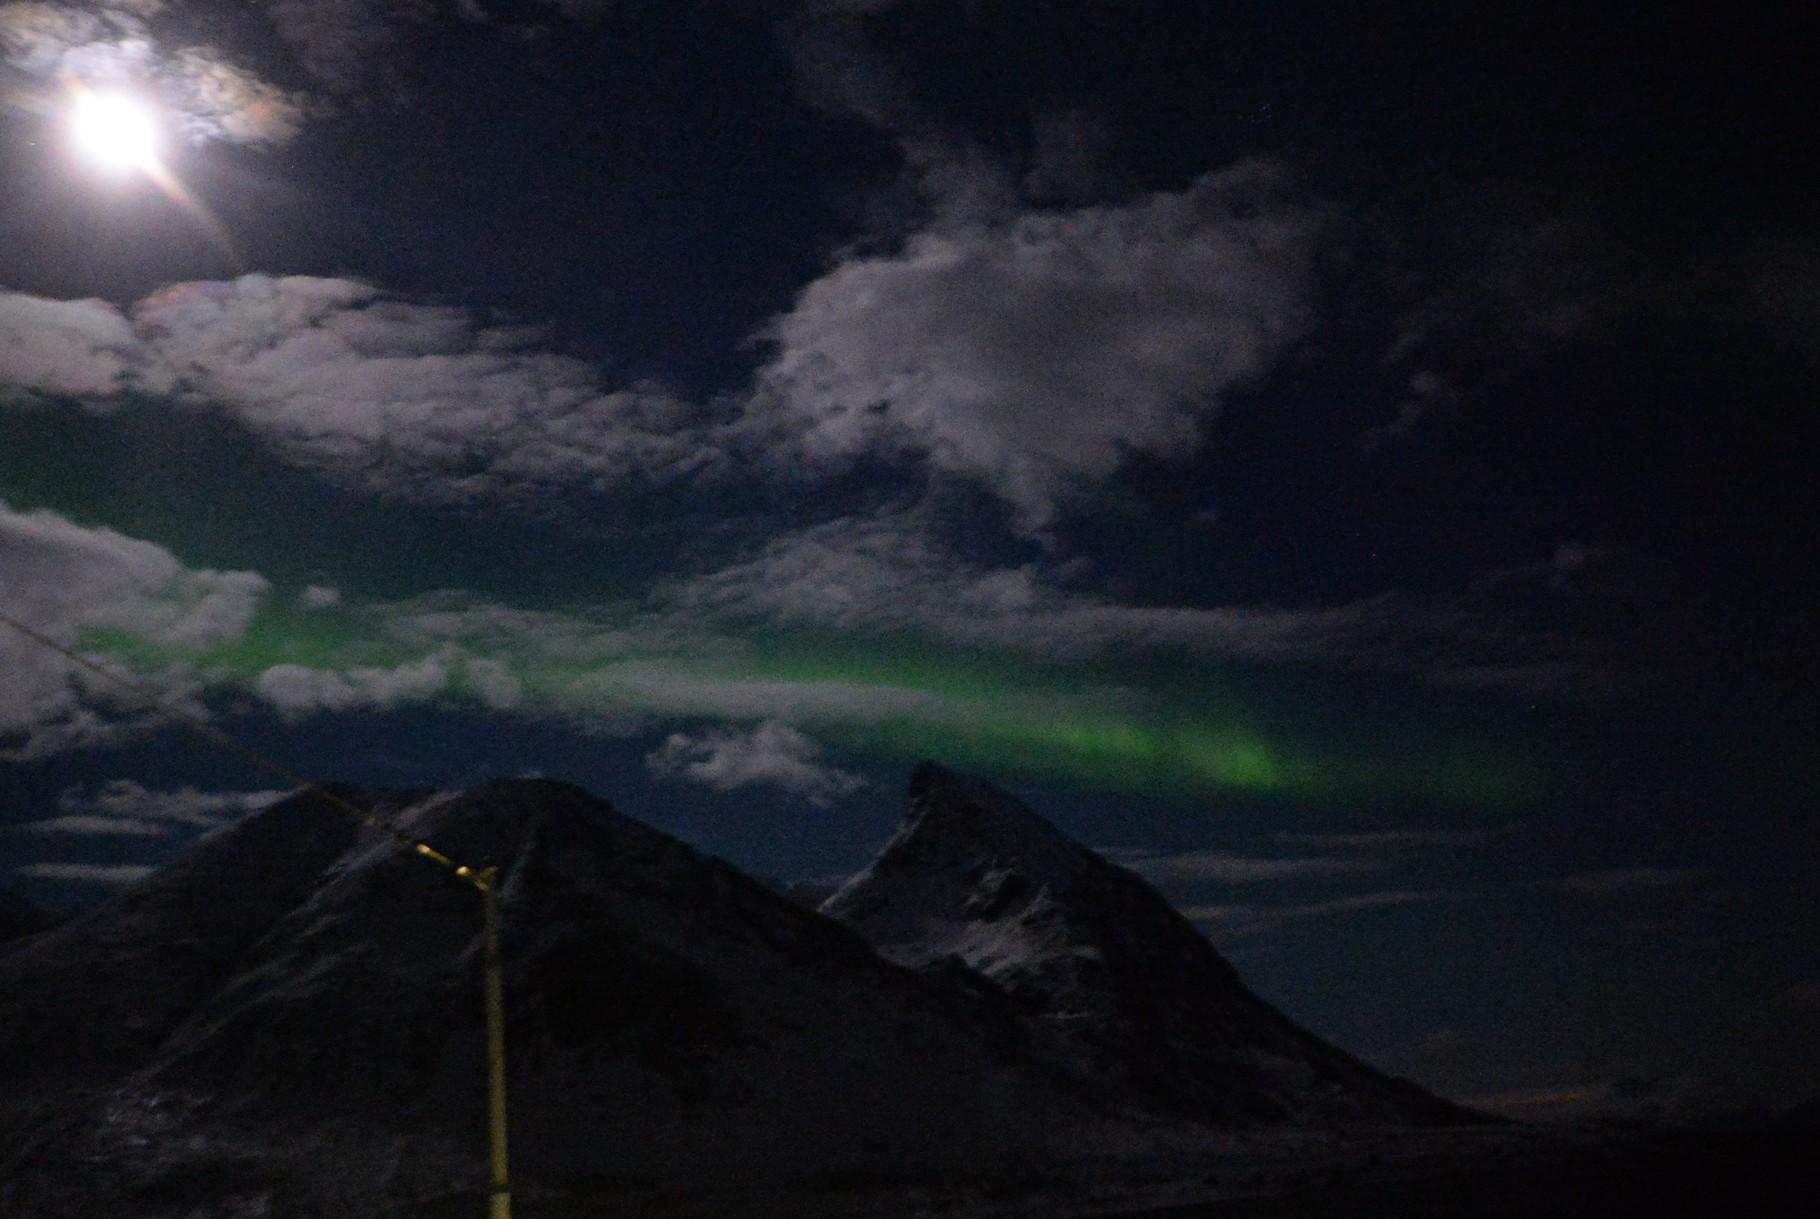 Bild 10-197 - Wenn das Wetter mitspielt, kann das Polarlicht nahezu täglich beobachtet werden